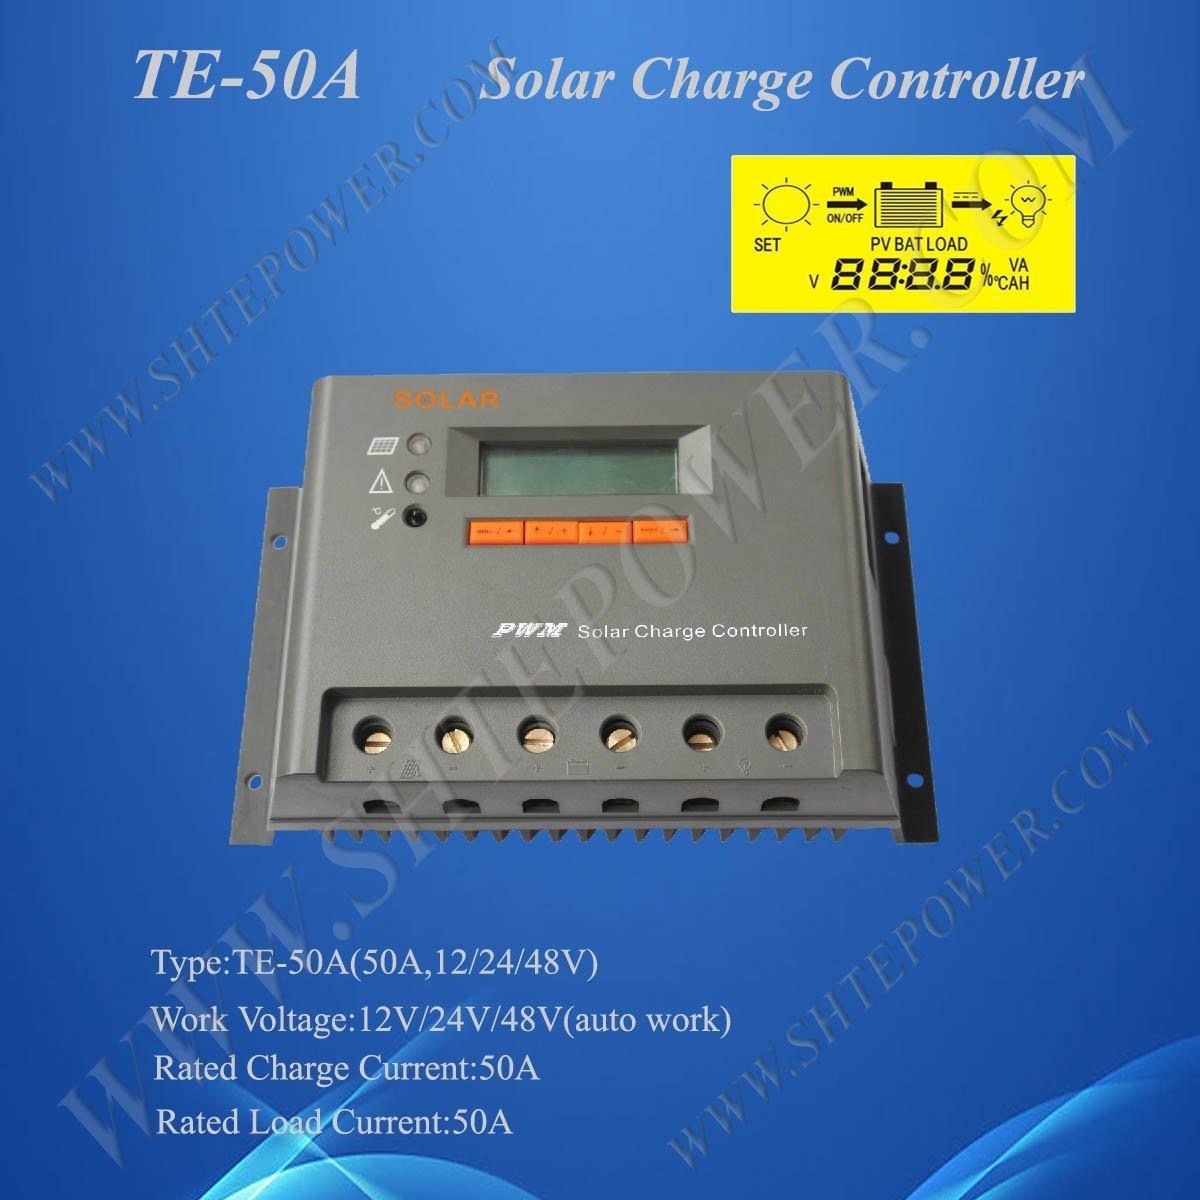 Горячая, Солнечный контроллер управления мощностью 50A 12 V/24 V/48 V авто работа, 2 года гарантии, CE& ROHS одобрено